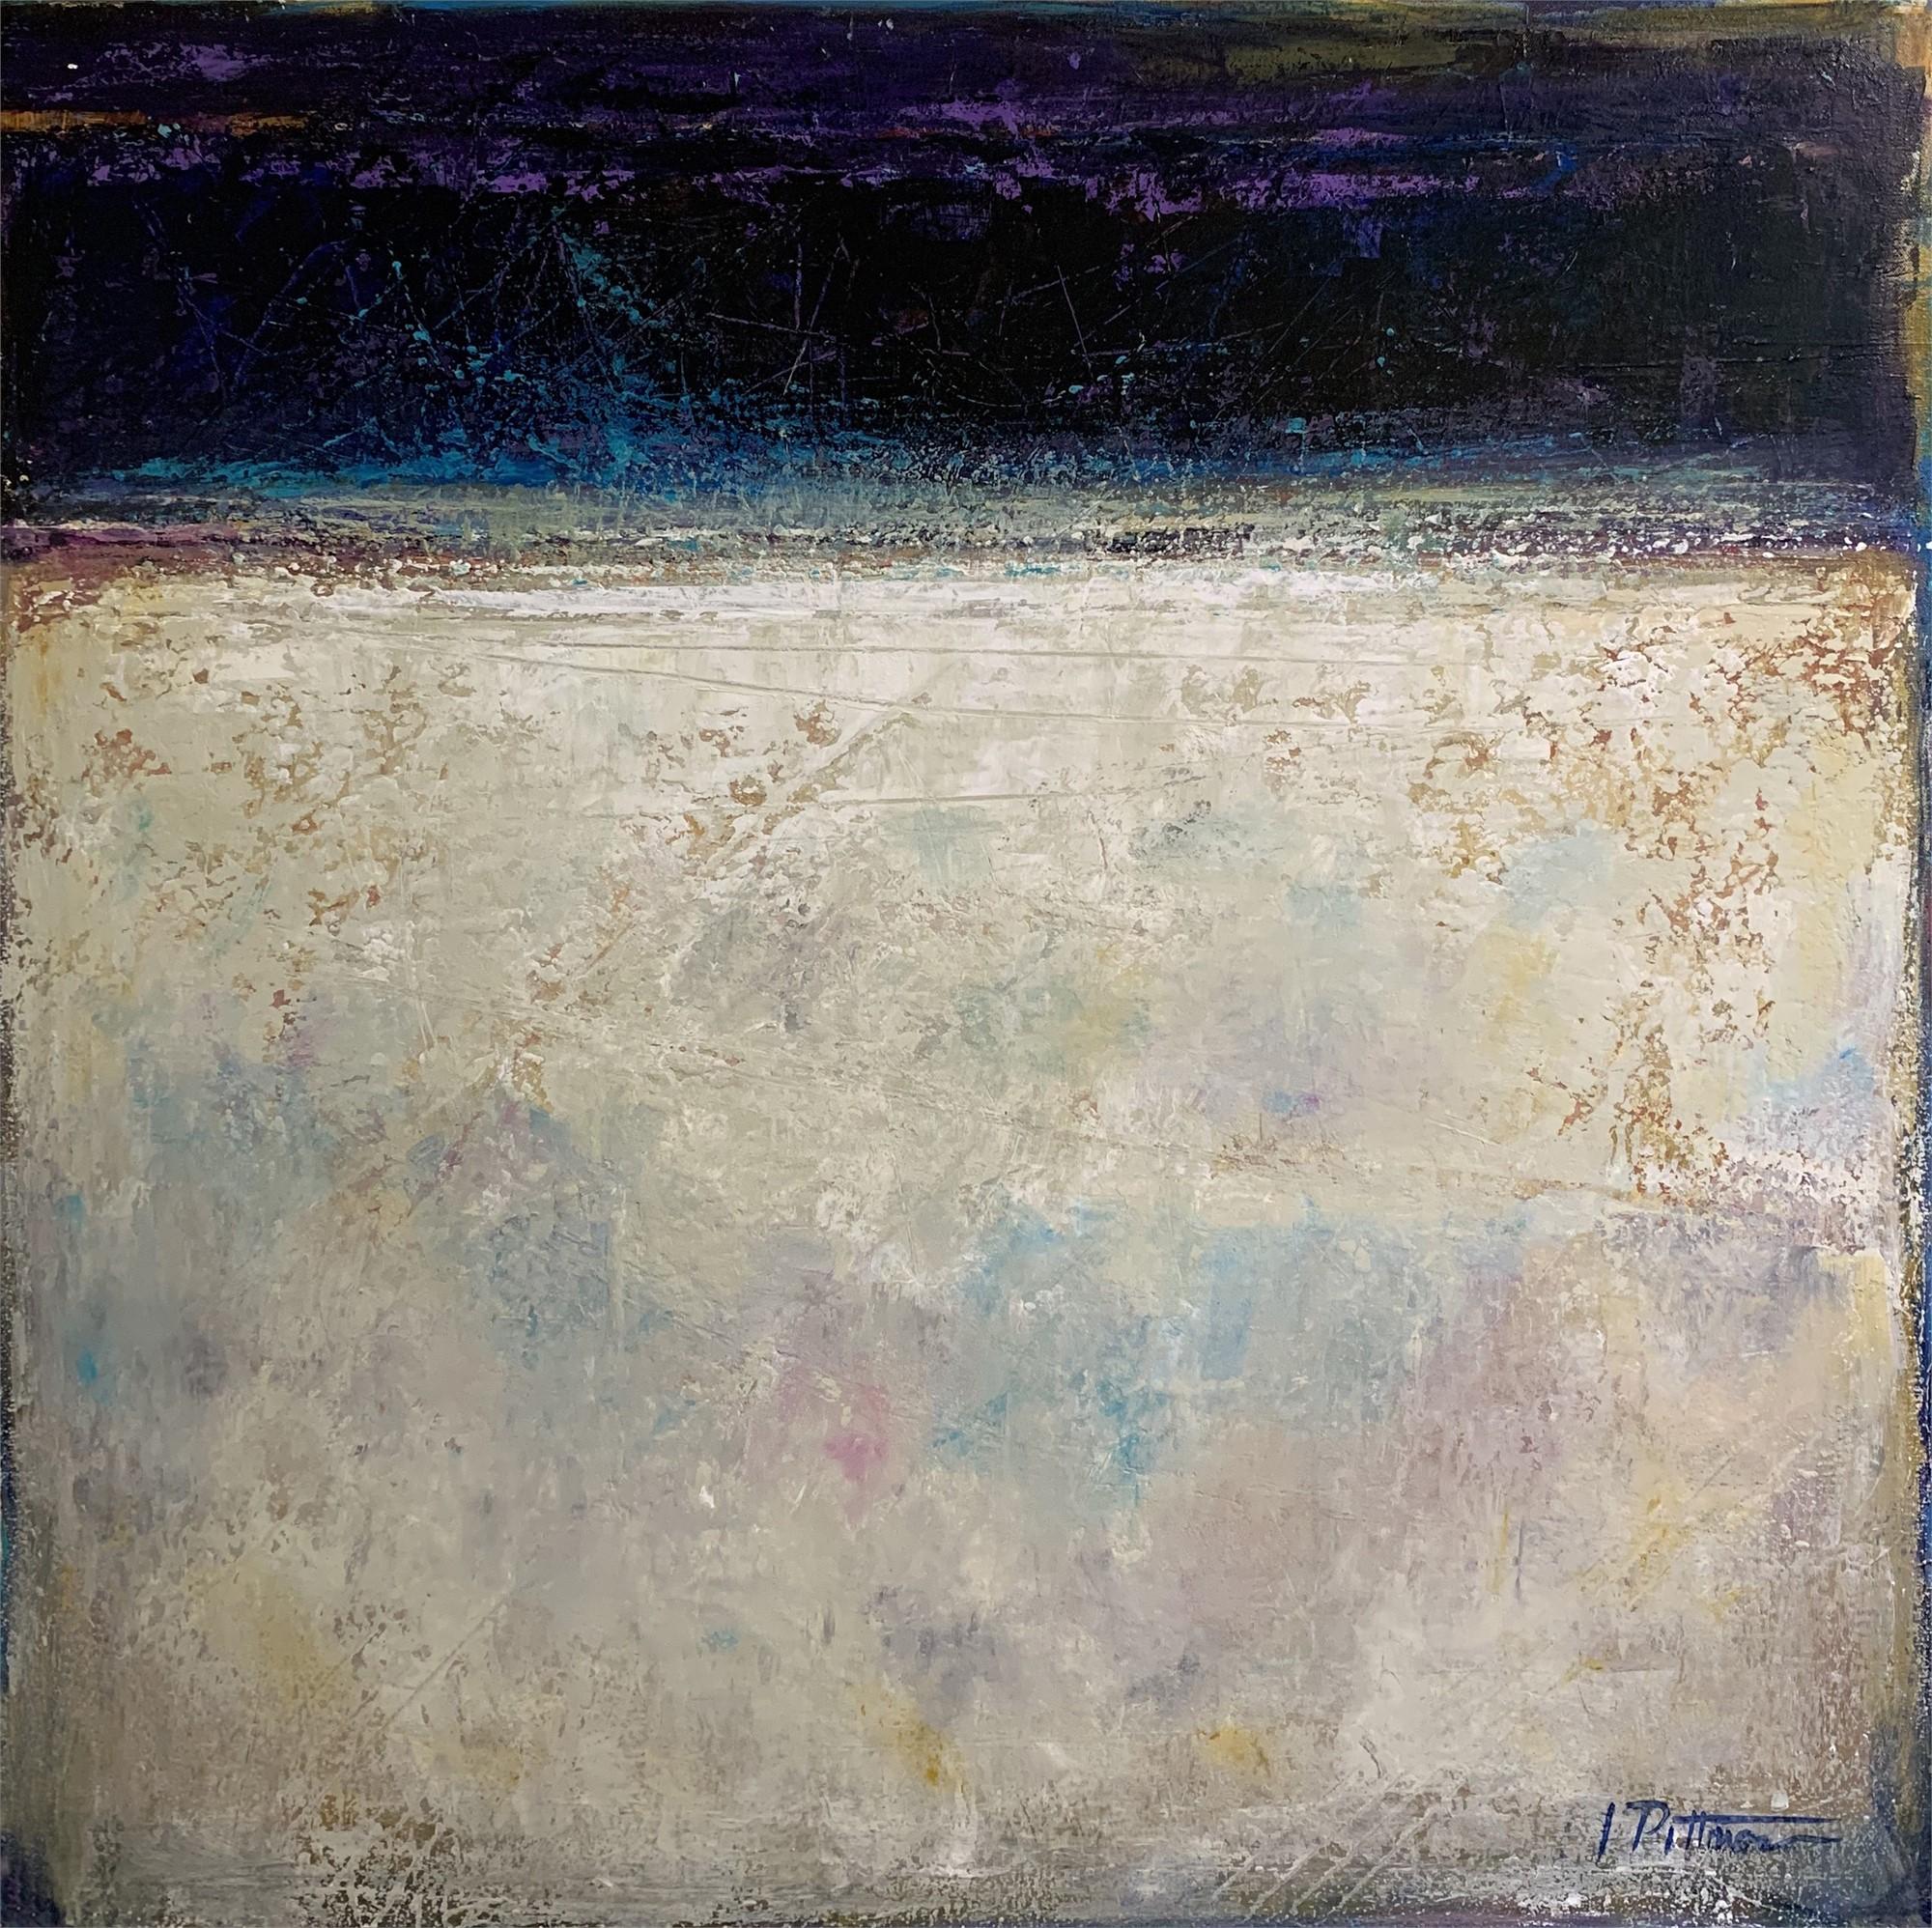 Nite Tide by Jim Pittman